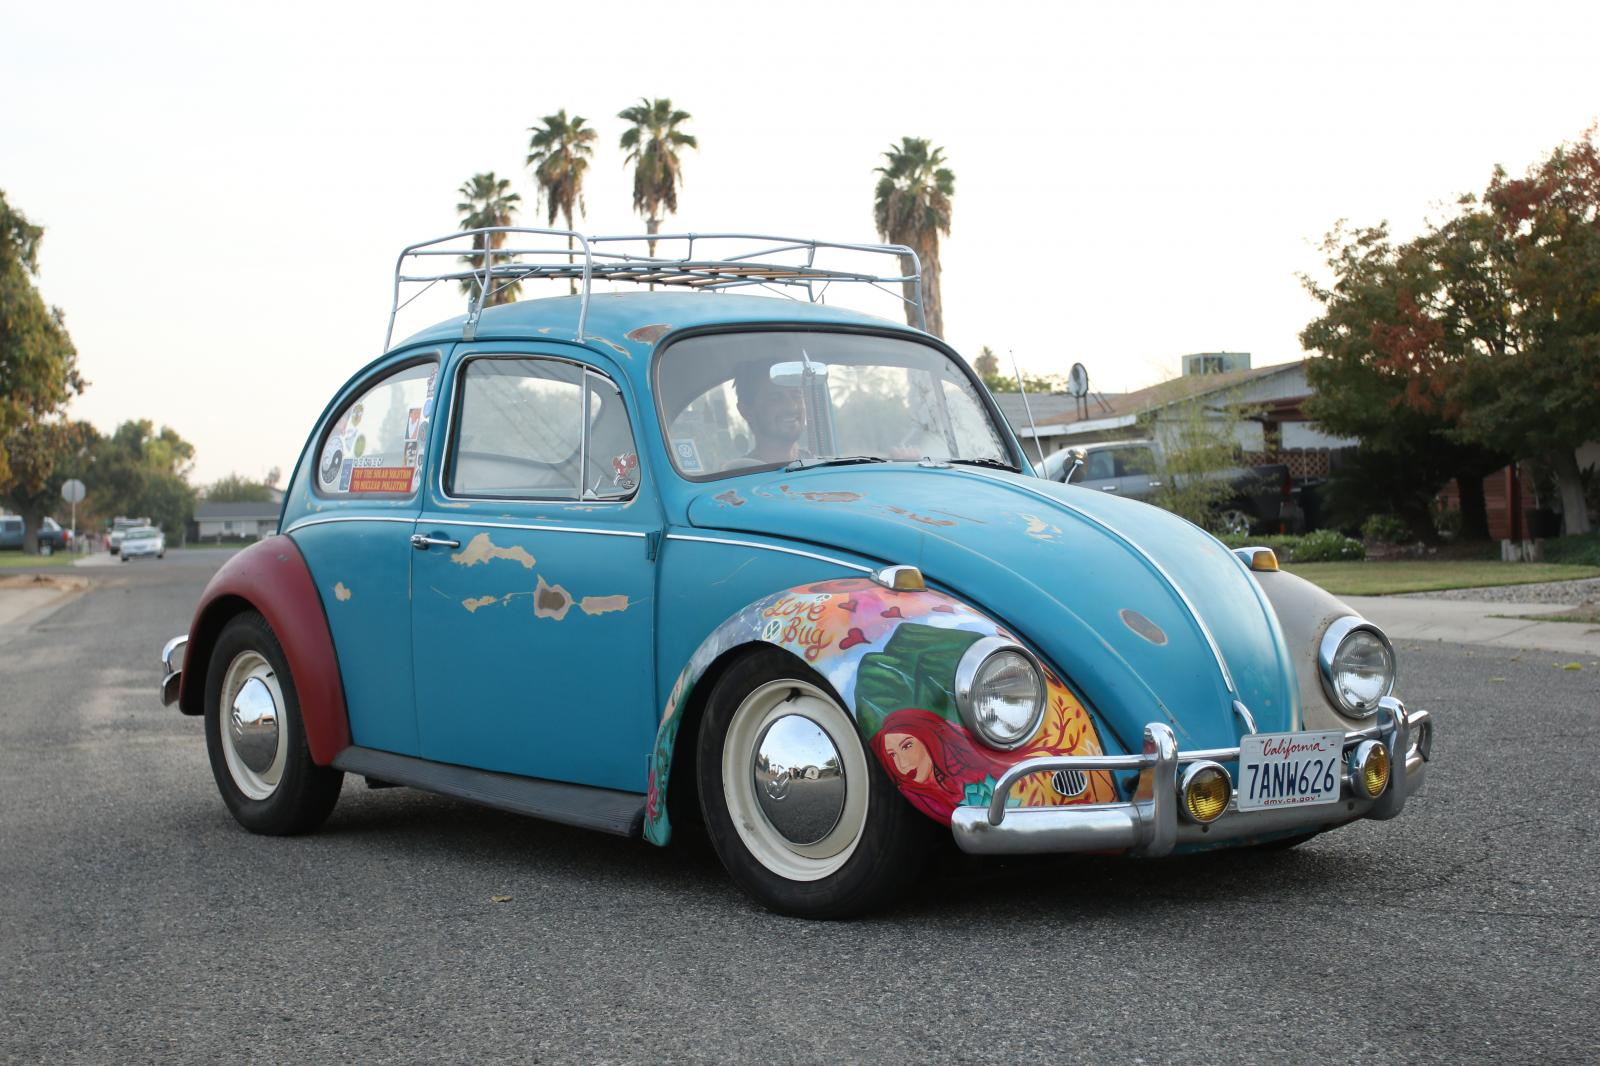 1967 VW Beetle.